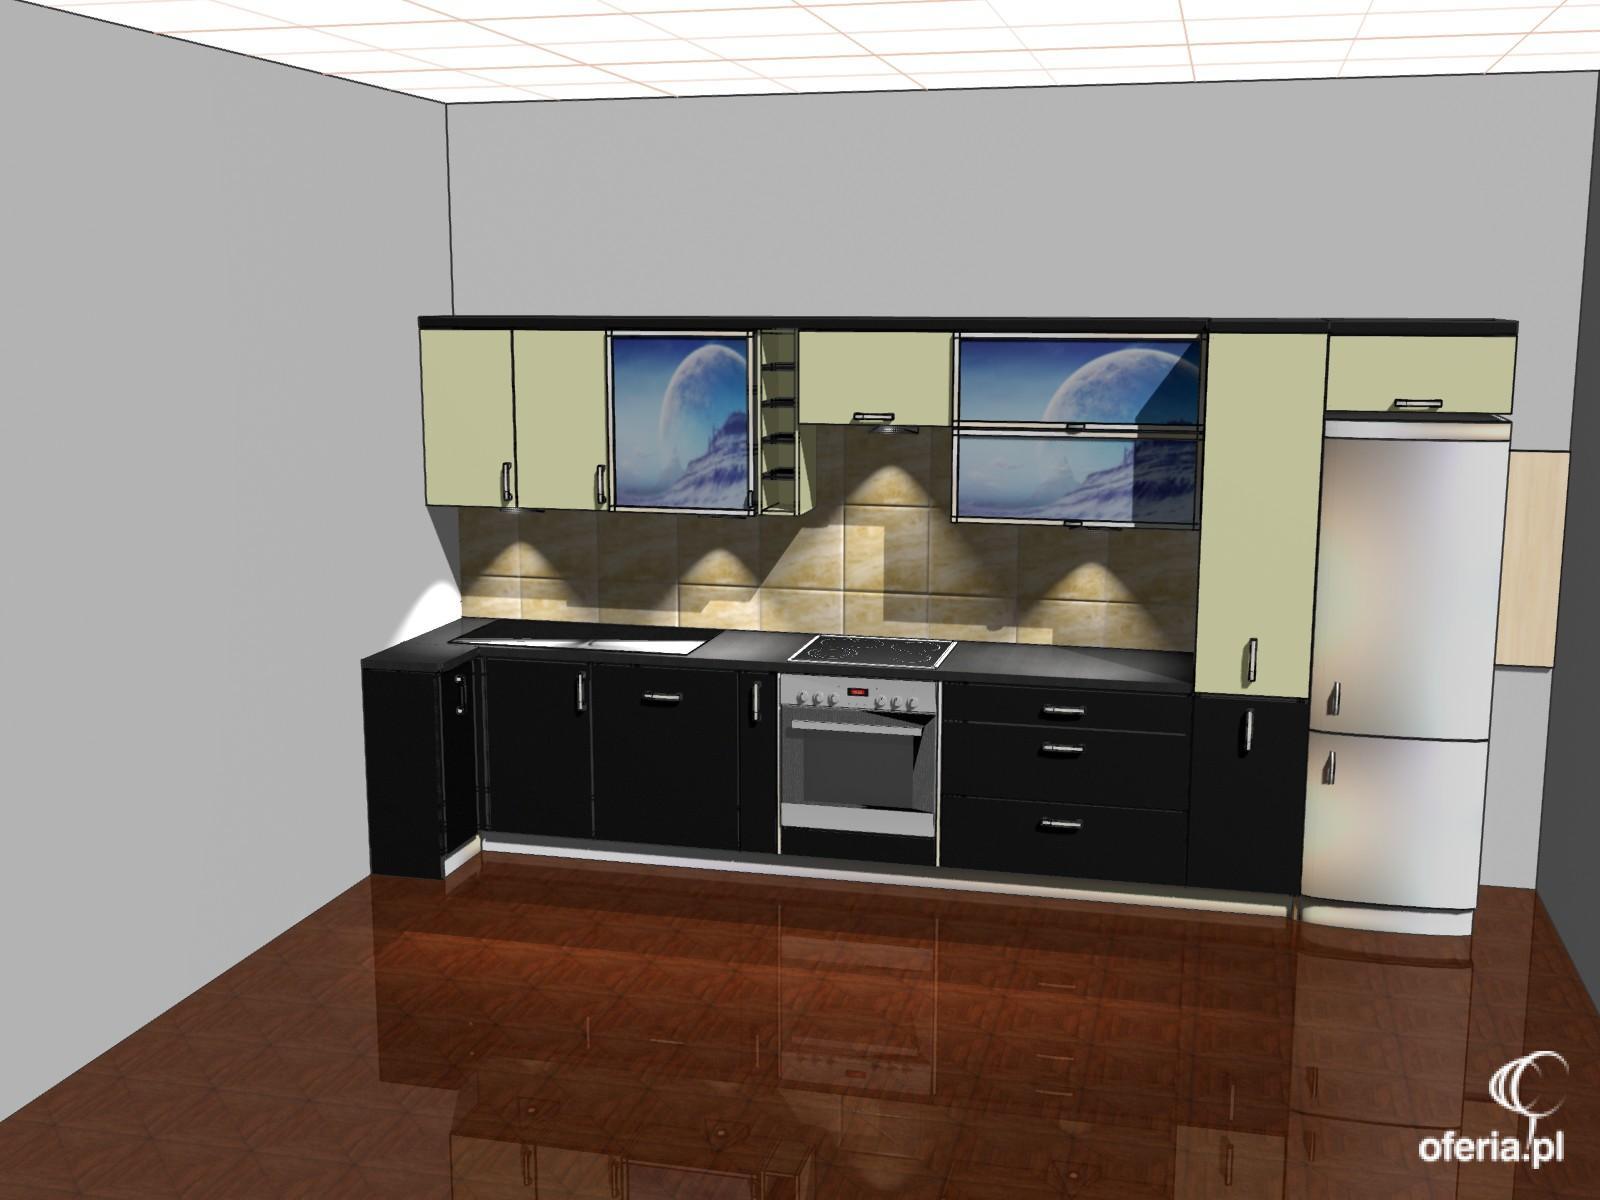 Wykonanie mebli kuchennych na wymiar Nowy Sącz • Zlecenia Oferia pl